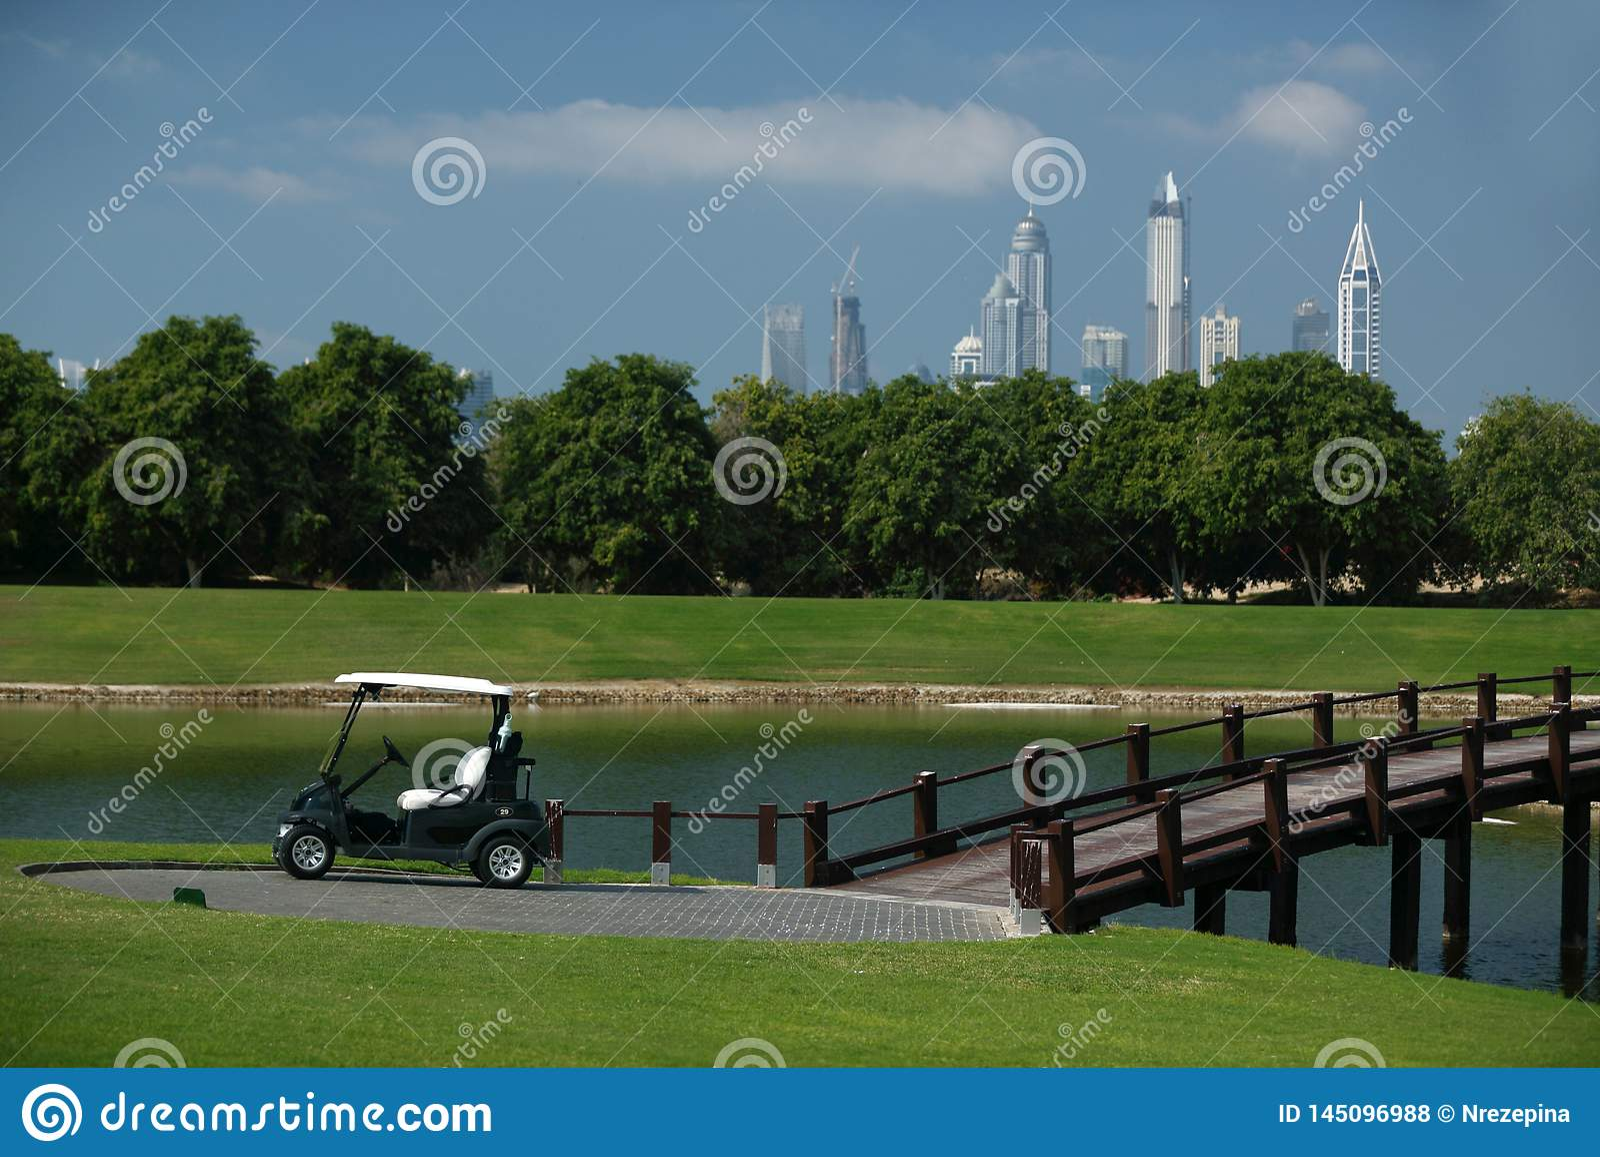 γήπεδο του γκολφ στο Ντουμπάι με τους φοίνικες και ουρανοξύστες στο υπ